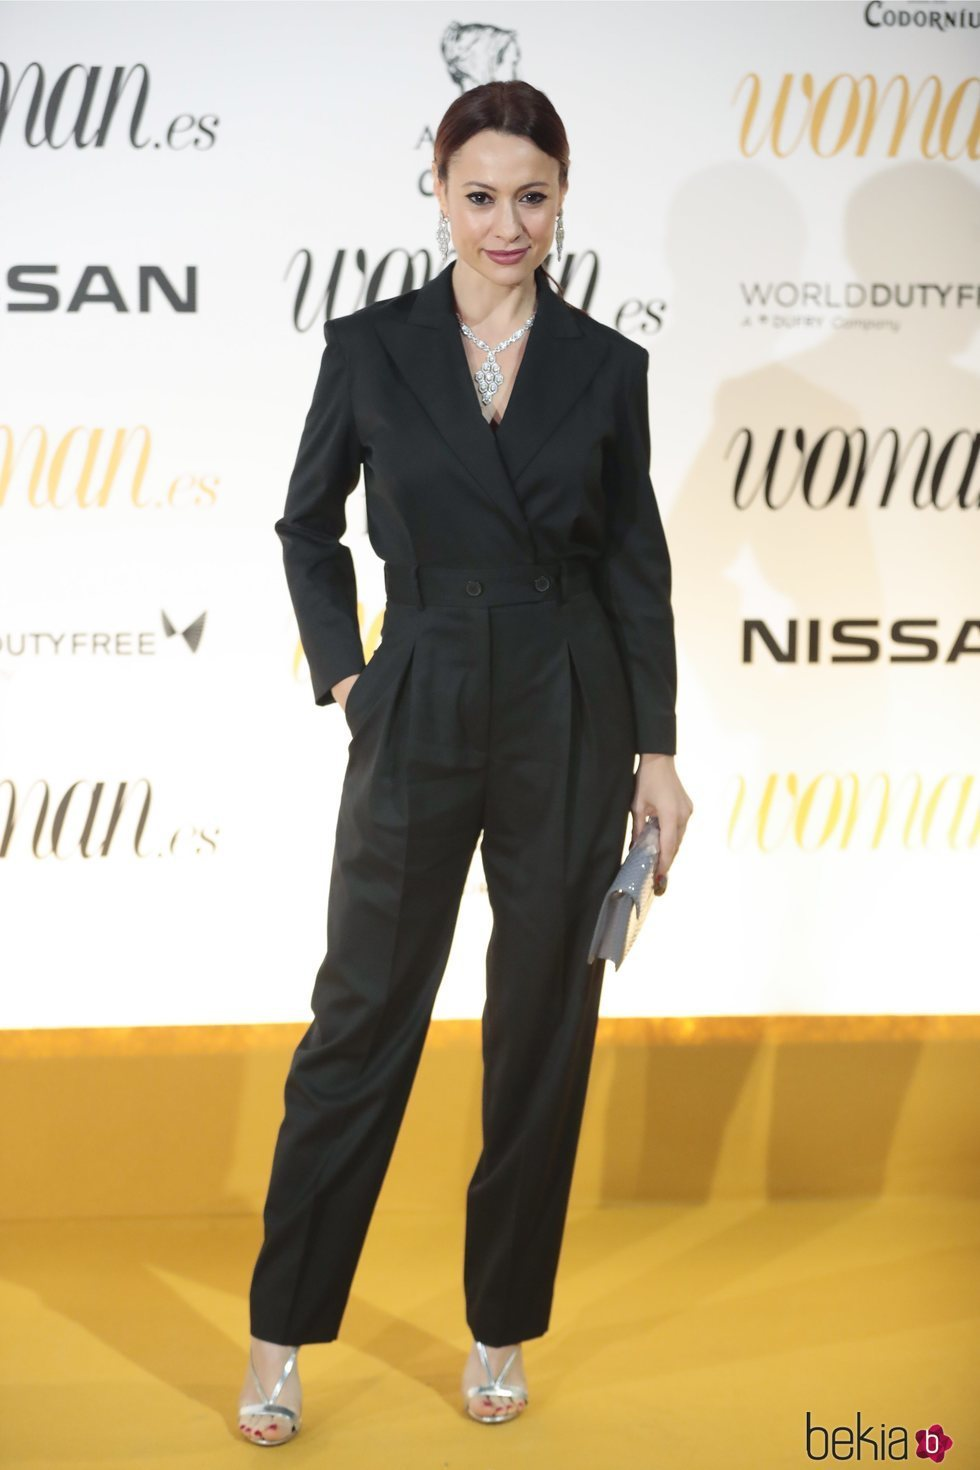 Natalia Verbeke en los Premios Woman 2018